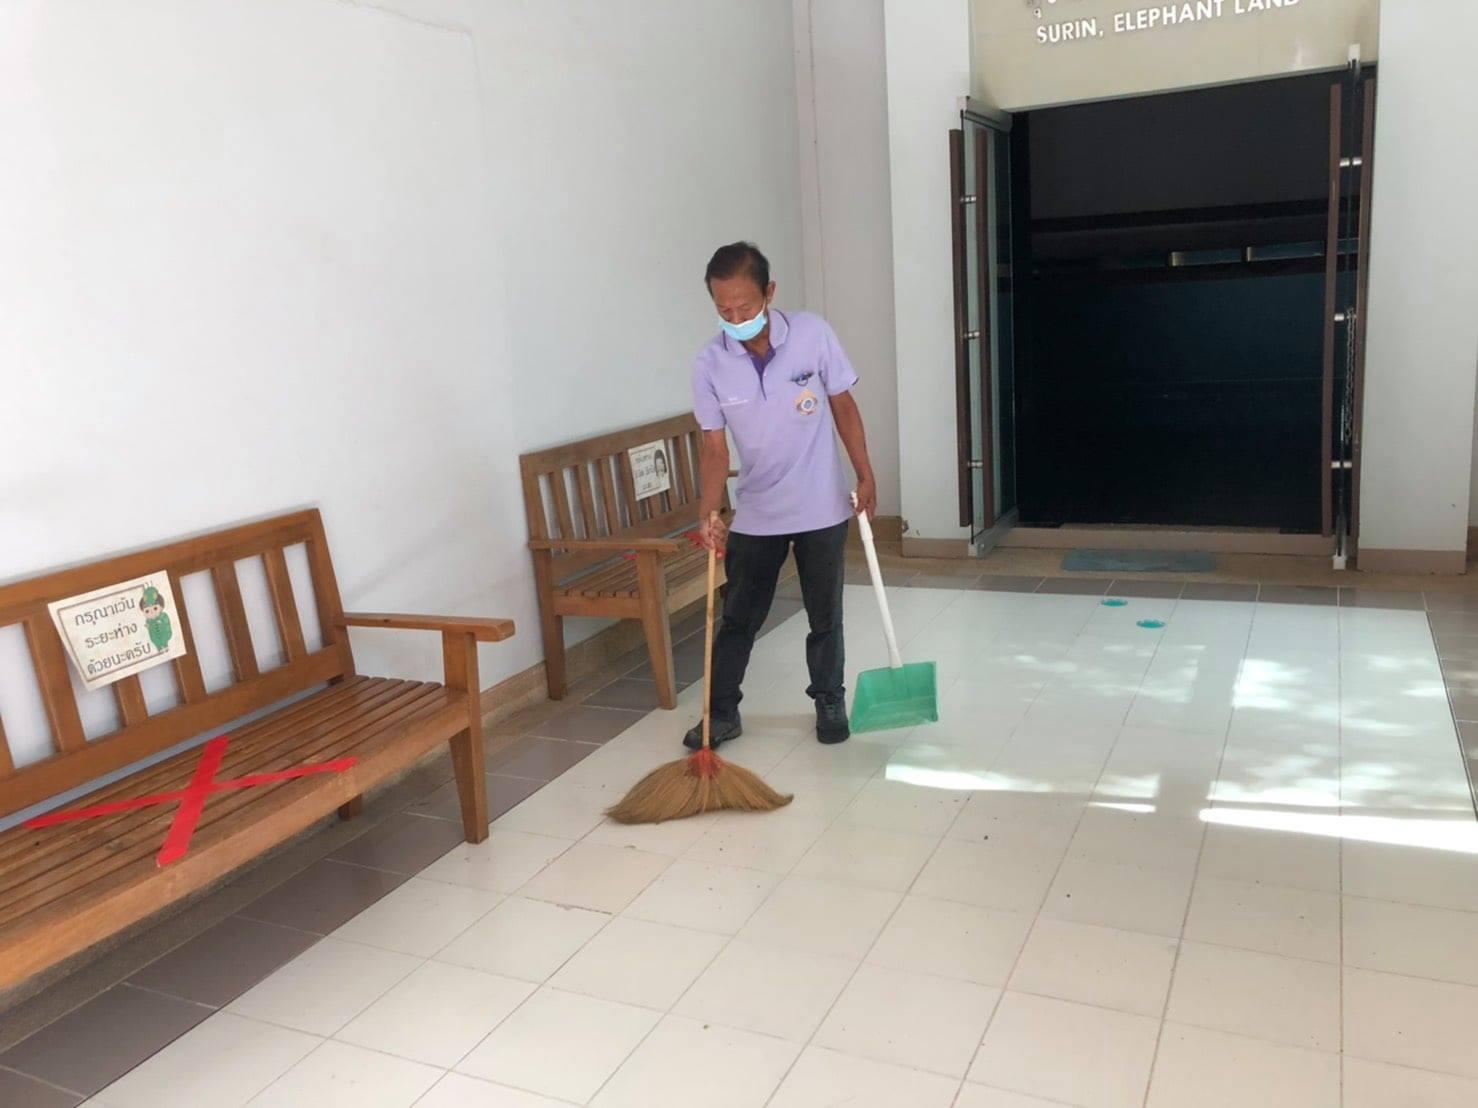 กิจกรรม   Cleaning Day   ประจำวันอาทิตย์ที่ ๘ สิงหาคม พ.ศ. ๒๕๖๔